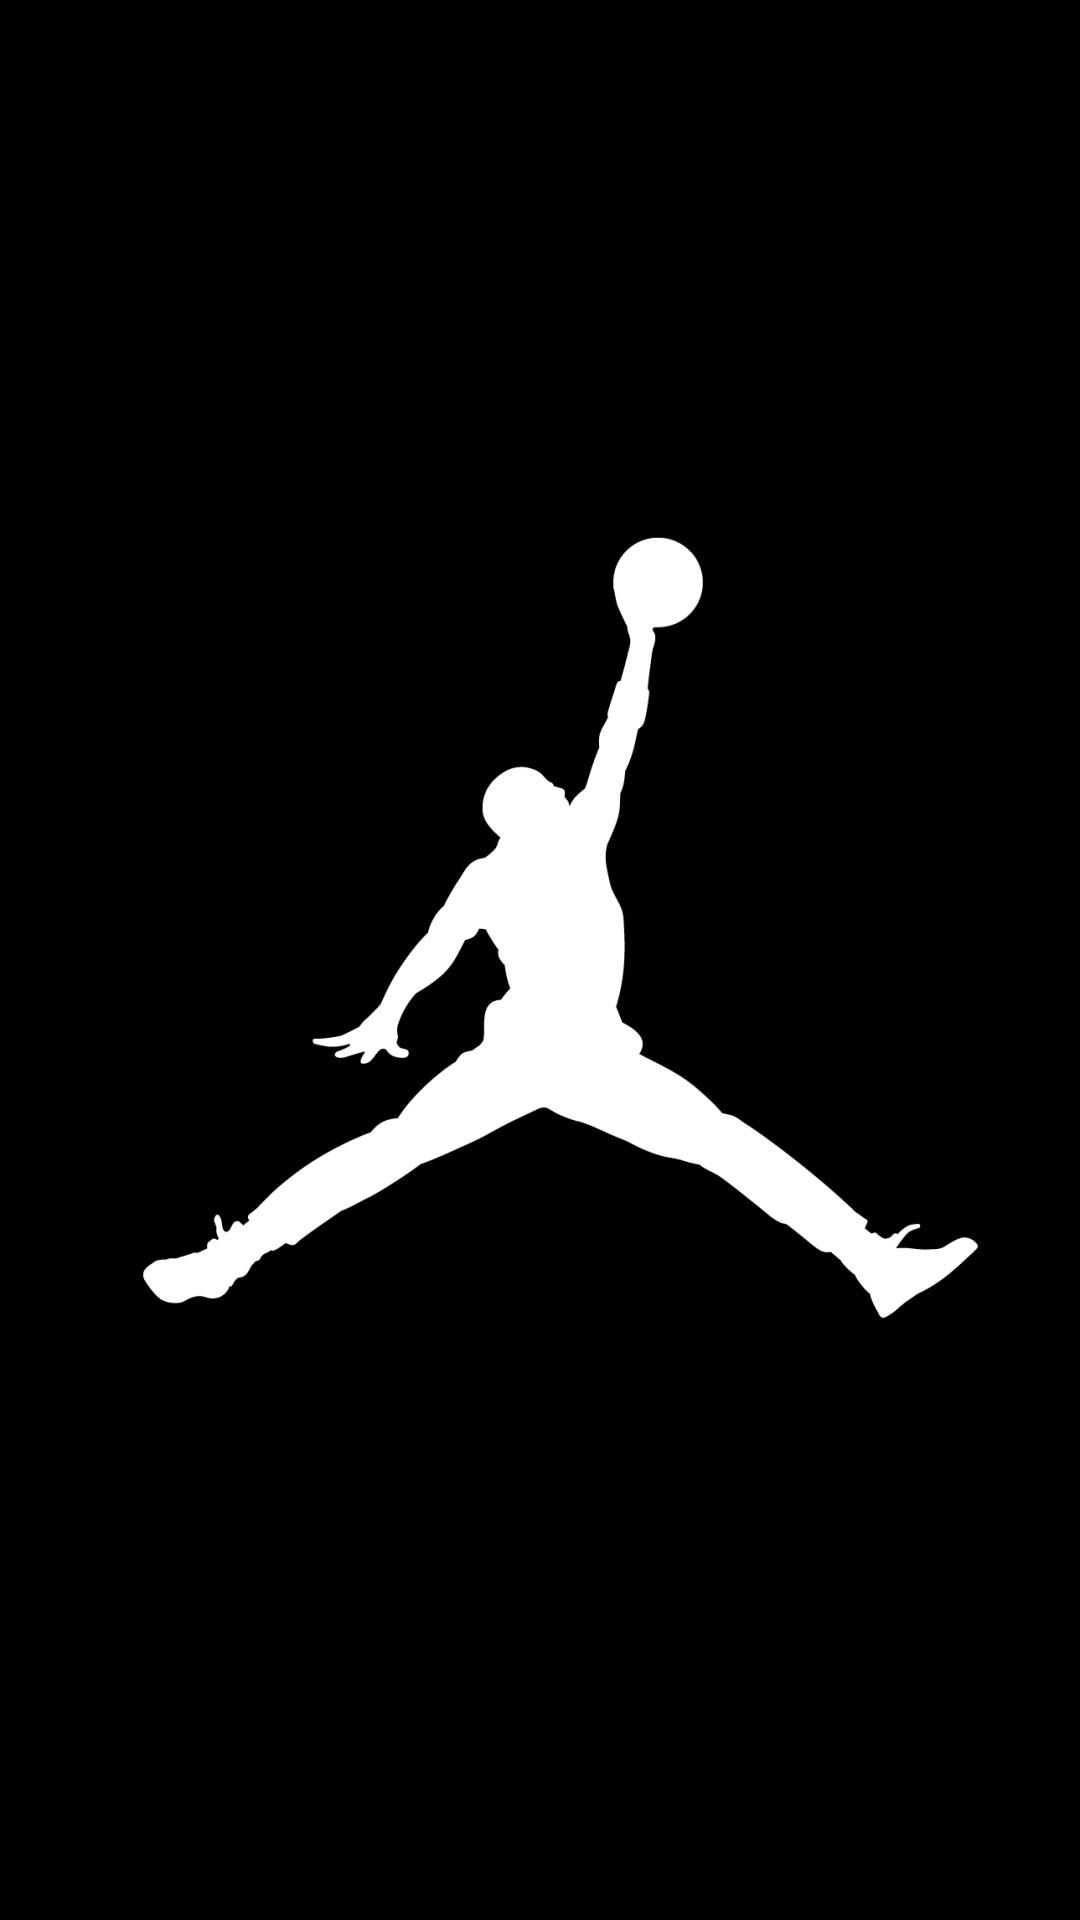 Michael Jordan NBA iPhone Wallpaper Black and White